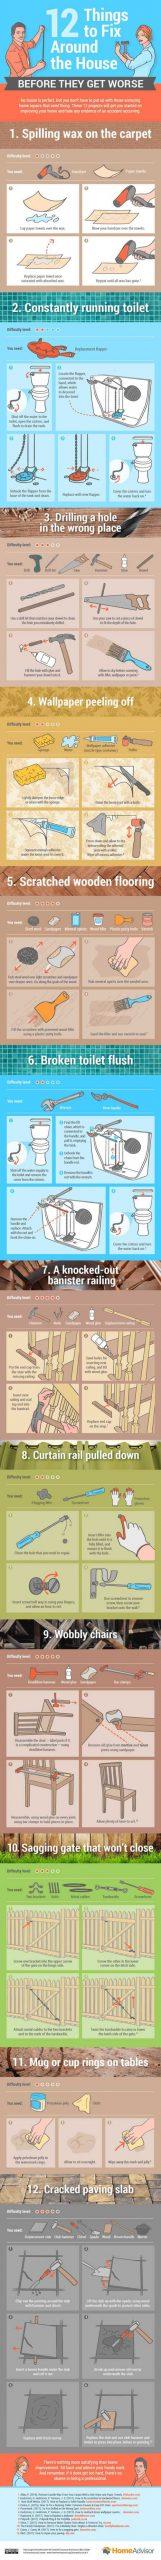 10 problemas en casa que puede reparar usted mismo infografia